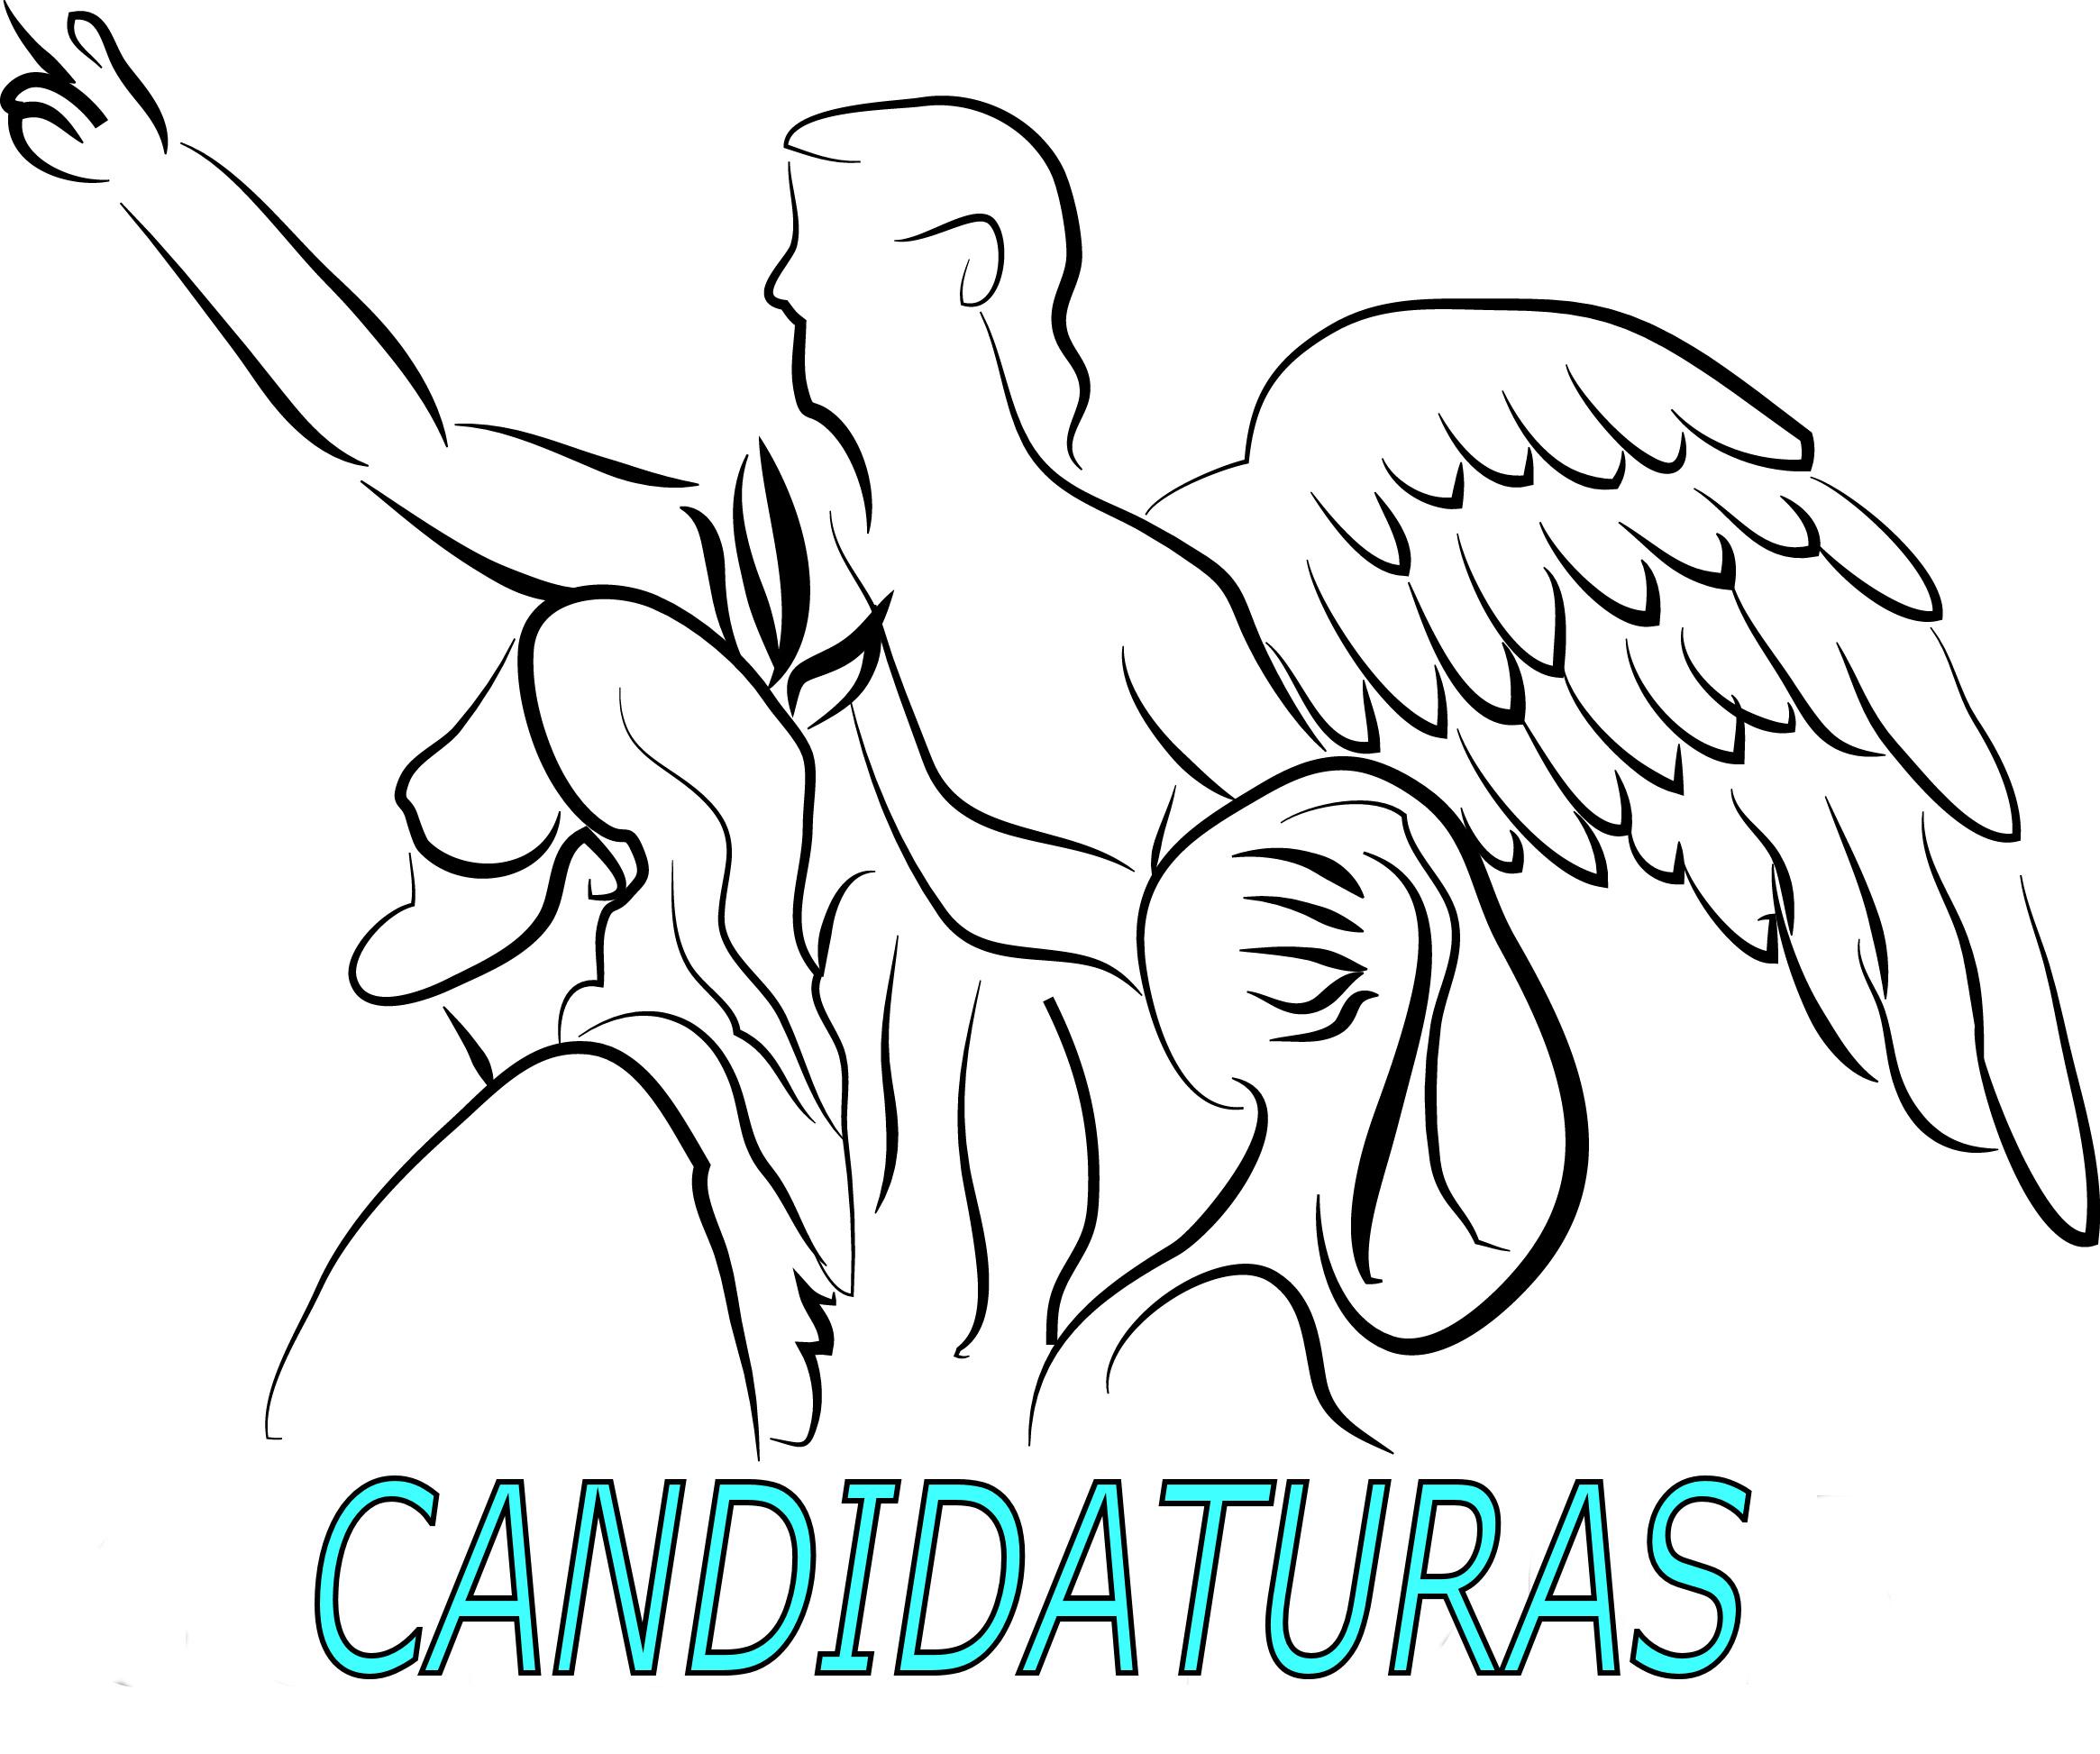 Candidaturas Color